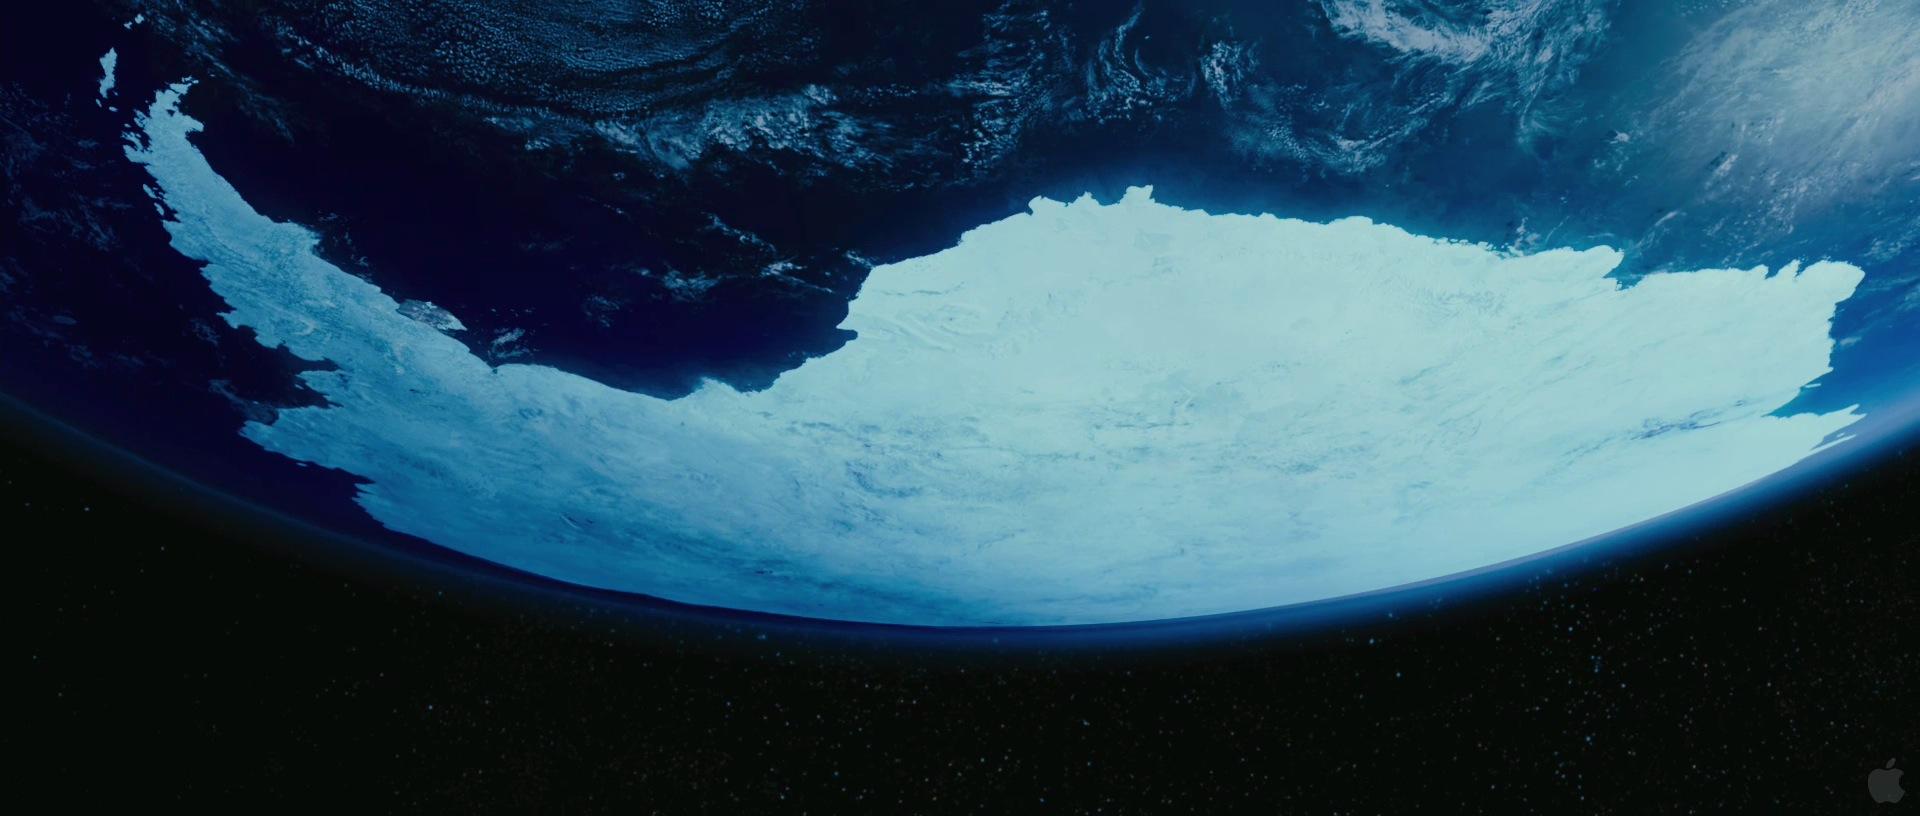 Antarctica from Space in Happy Feet Two Desktop Wallpaper 1920x816